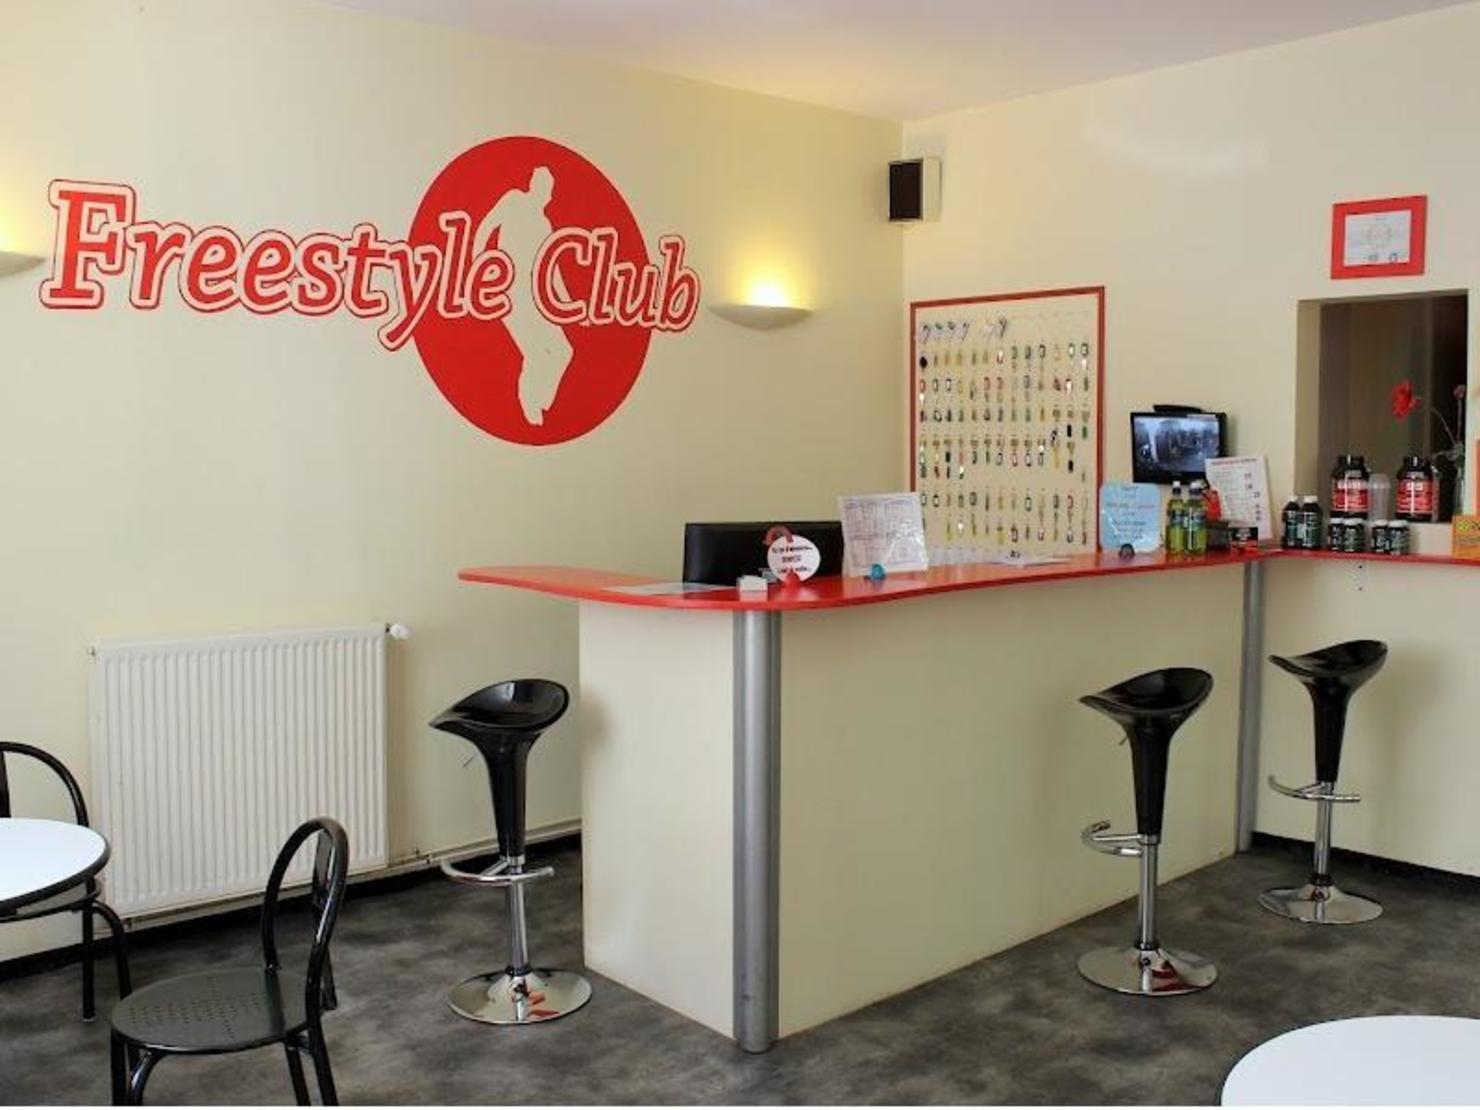 Freestyle Club